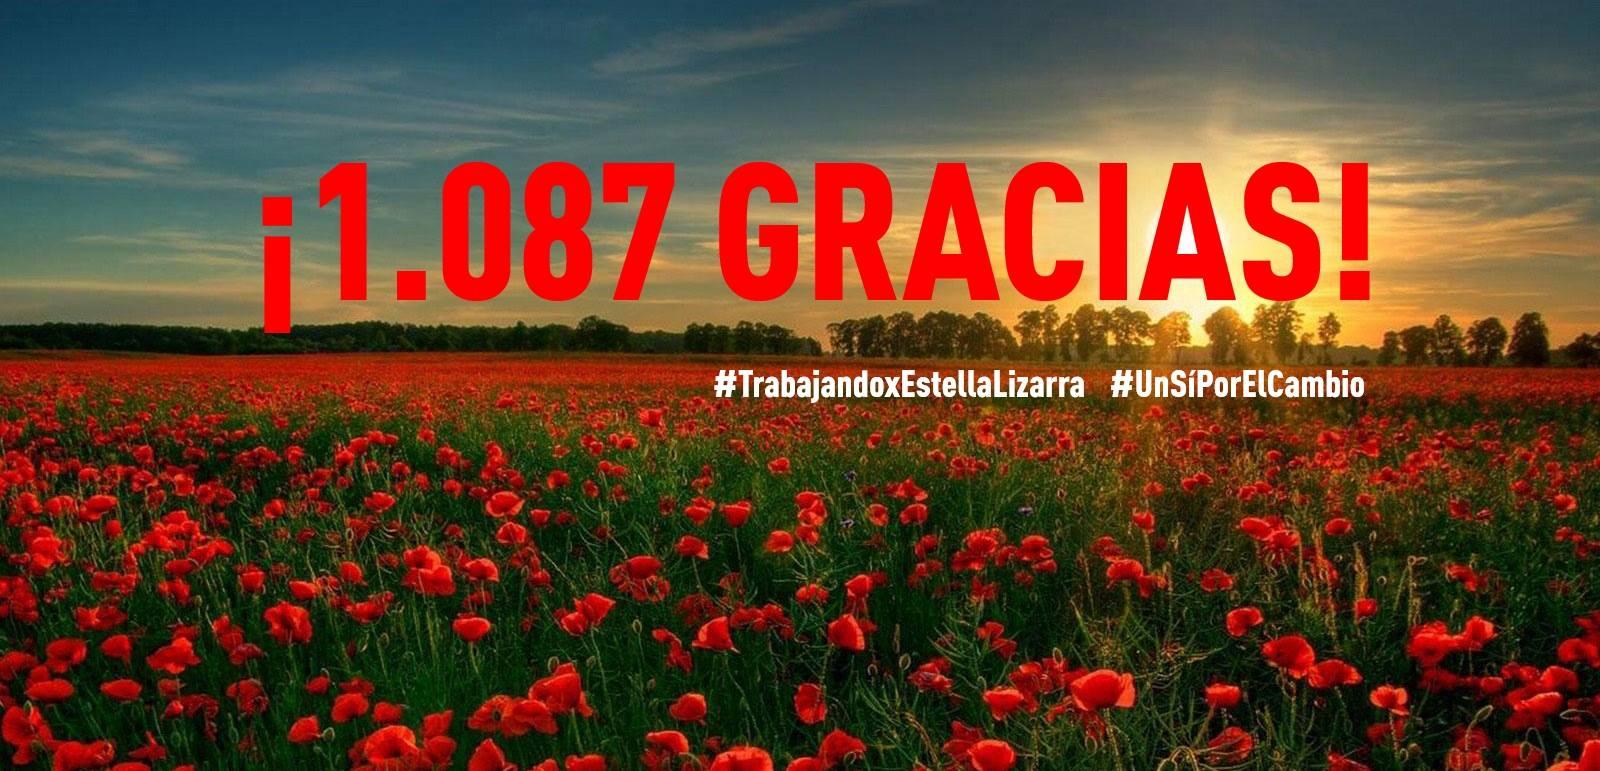 ¡1.087 gracias!